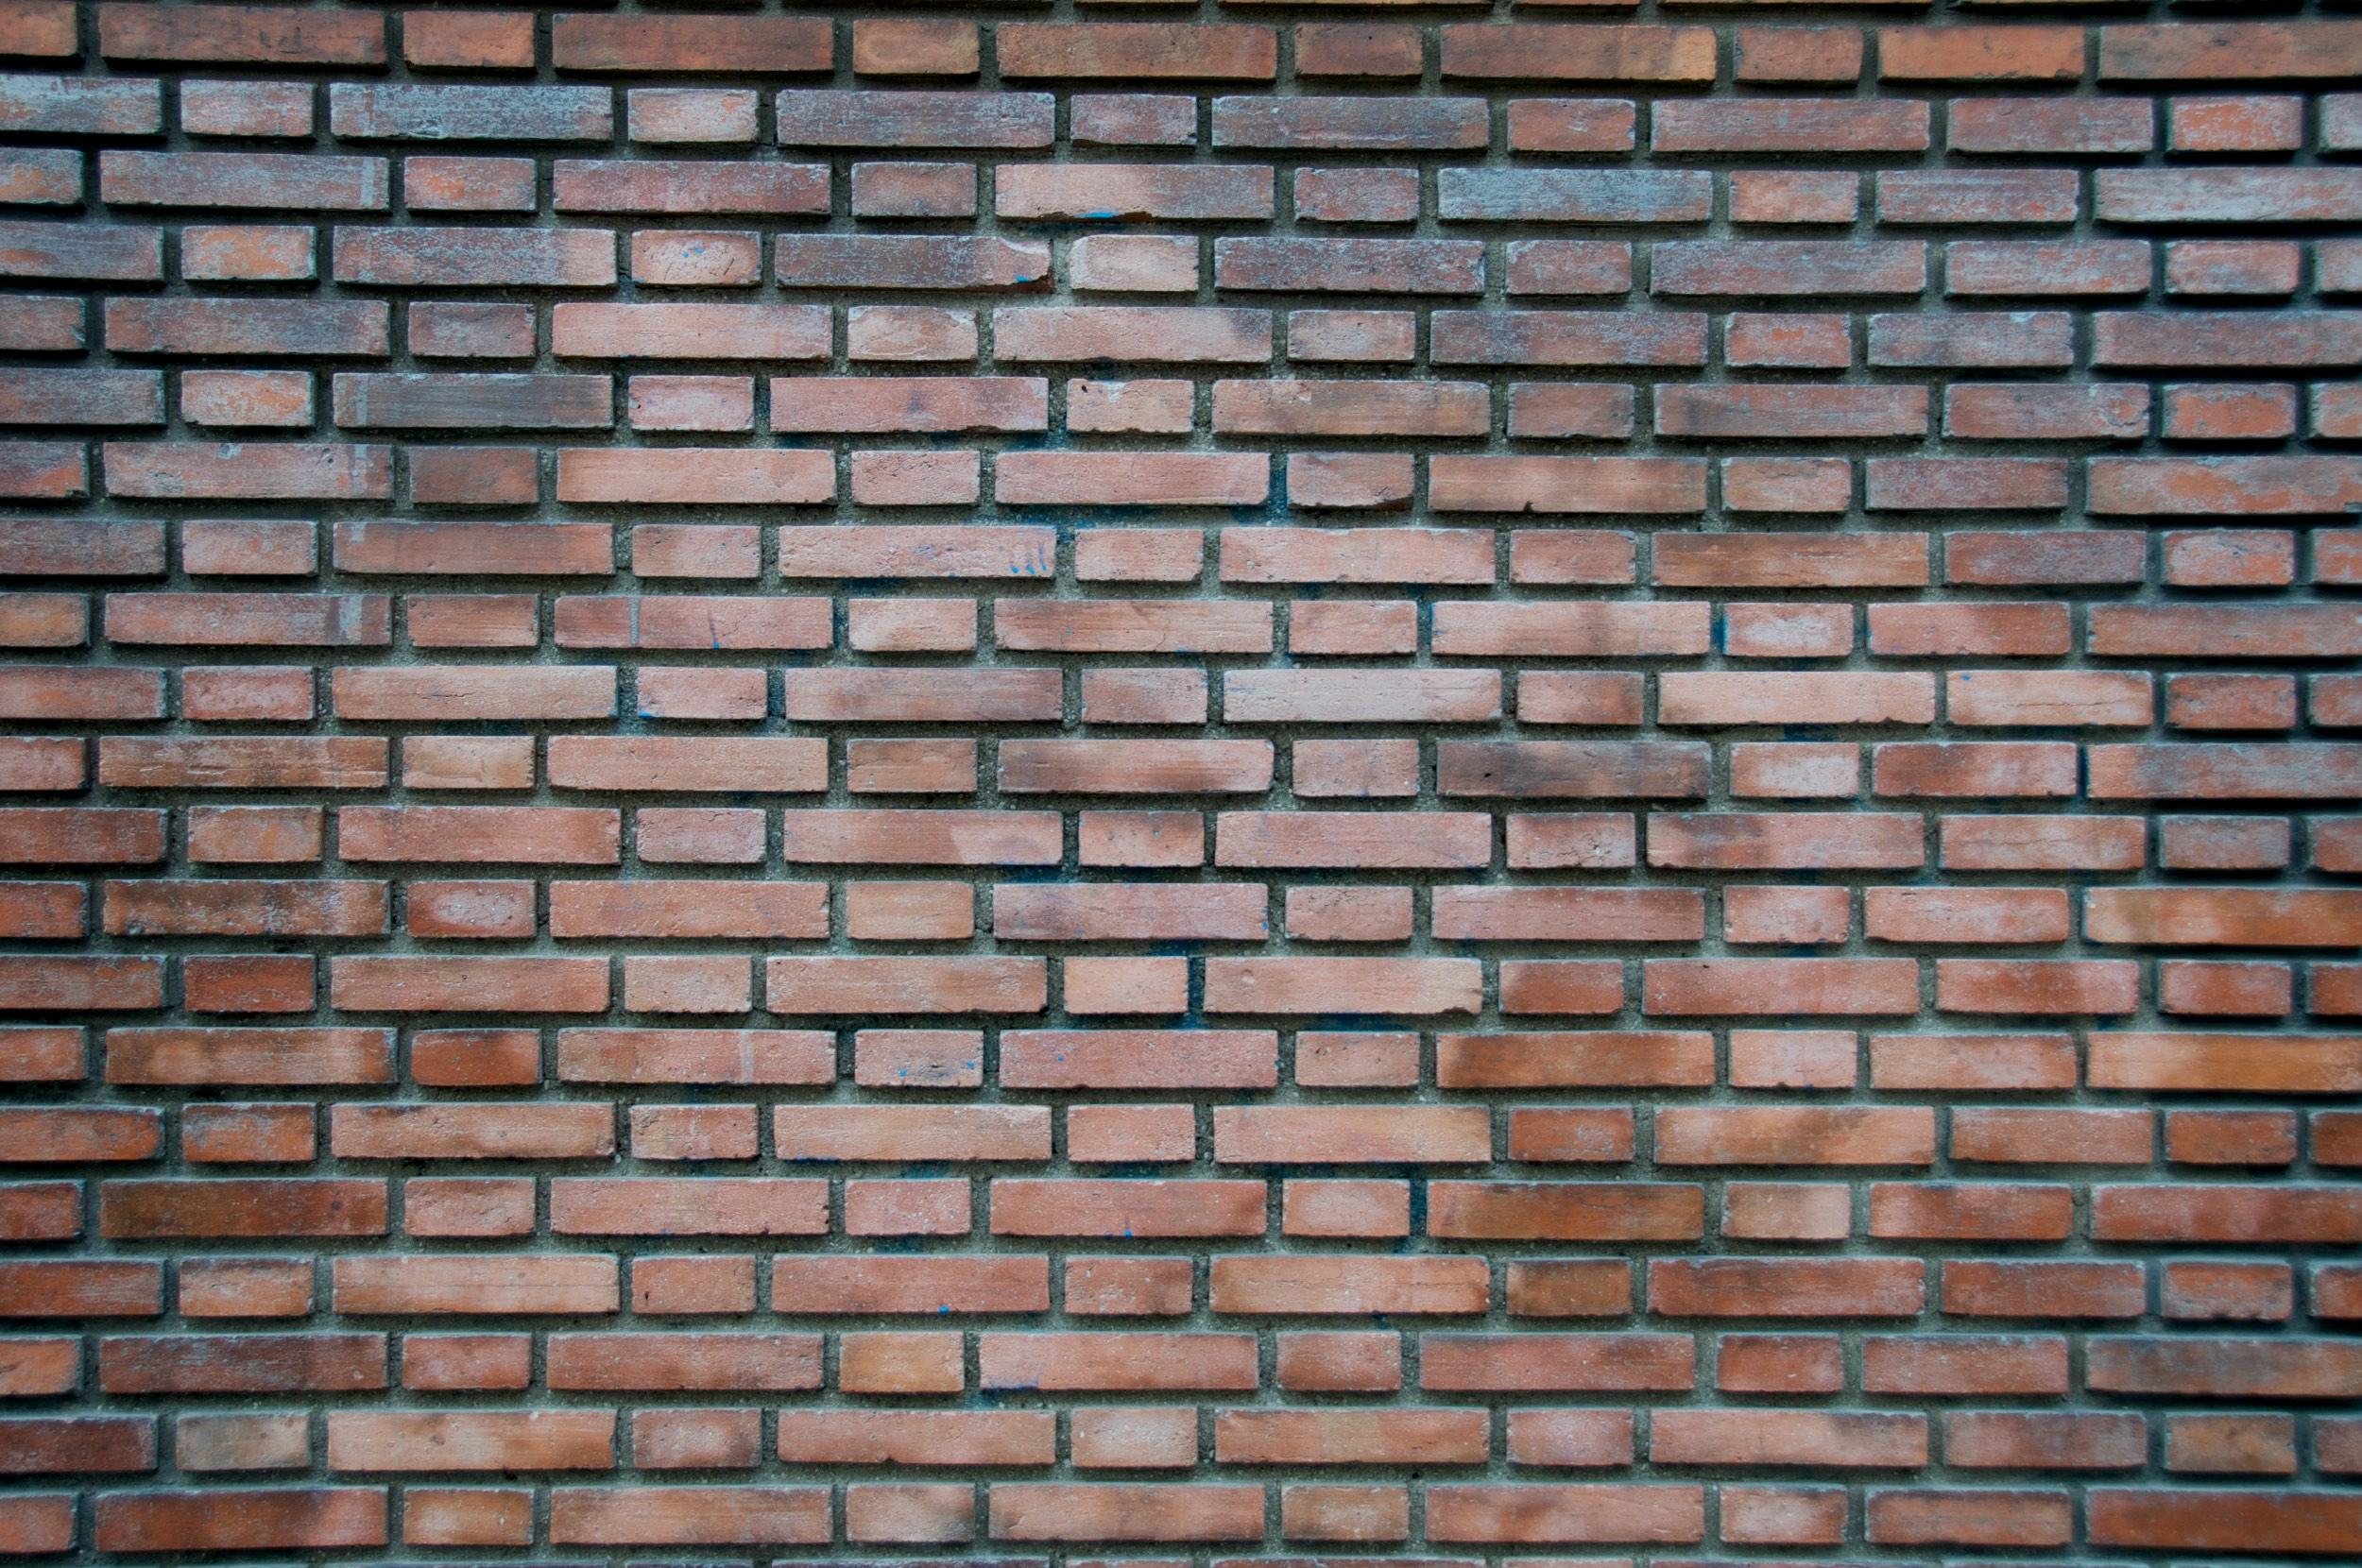 2010-0056-0566. Brick wall, Paris, France.